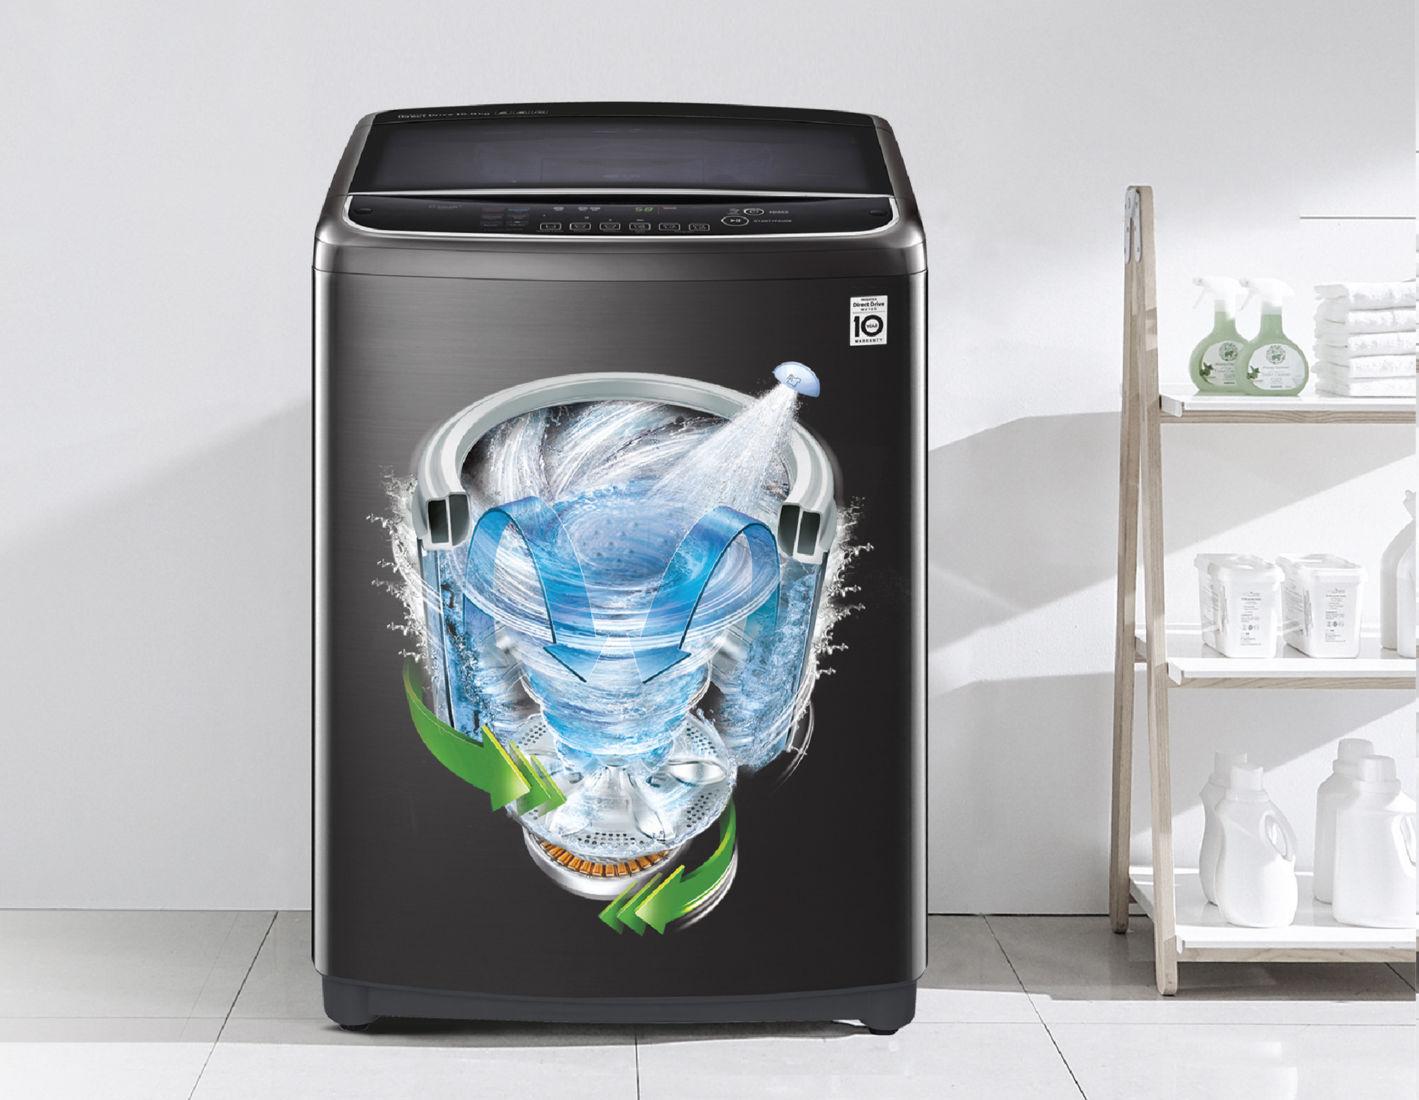 นวัตกรรมเครื่องซักผ้าปี 2020 ตอบโจทย์ไลฟ์สไตล์ยุคดิจิทัล | ข่าวโดย Tadoo